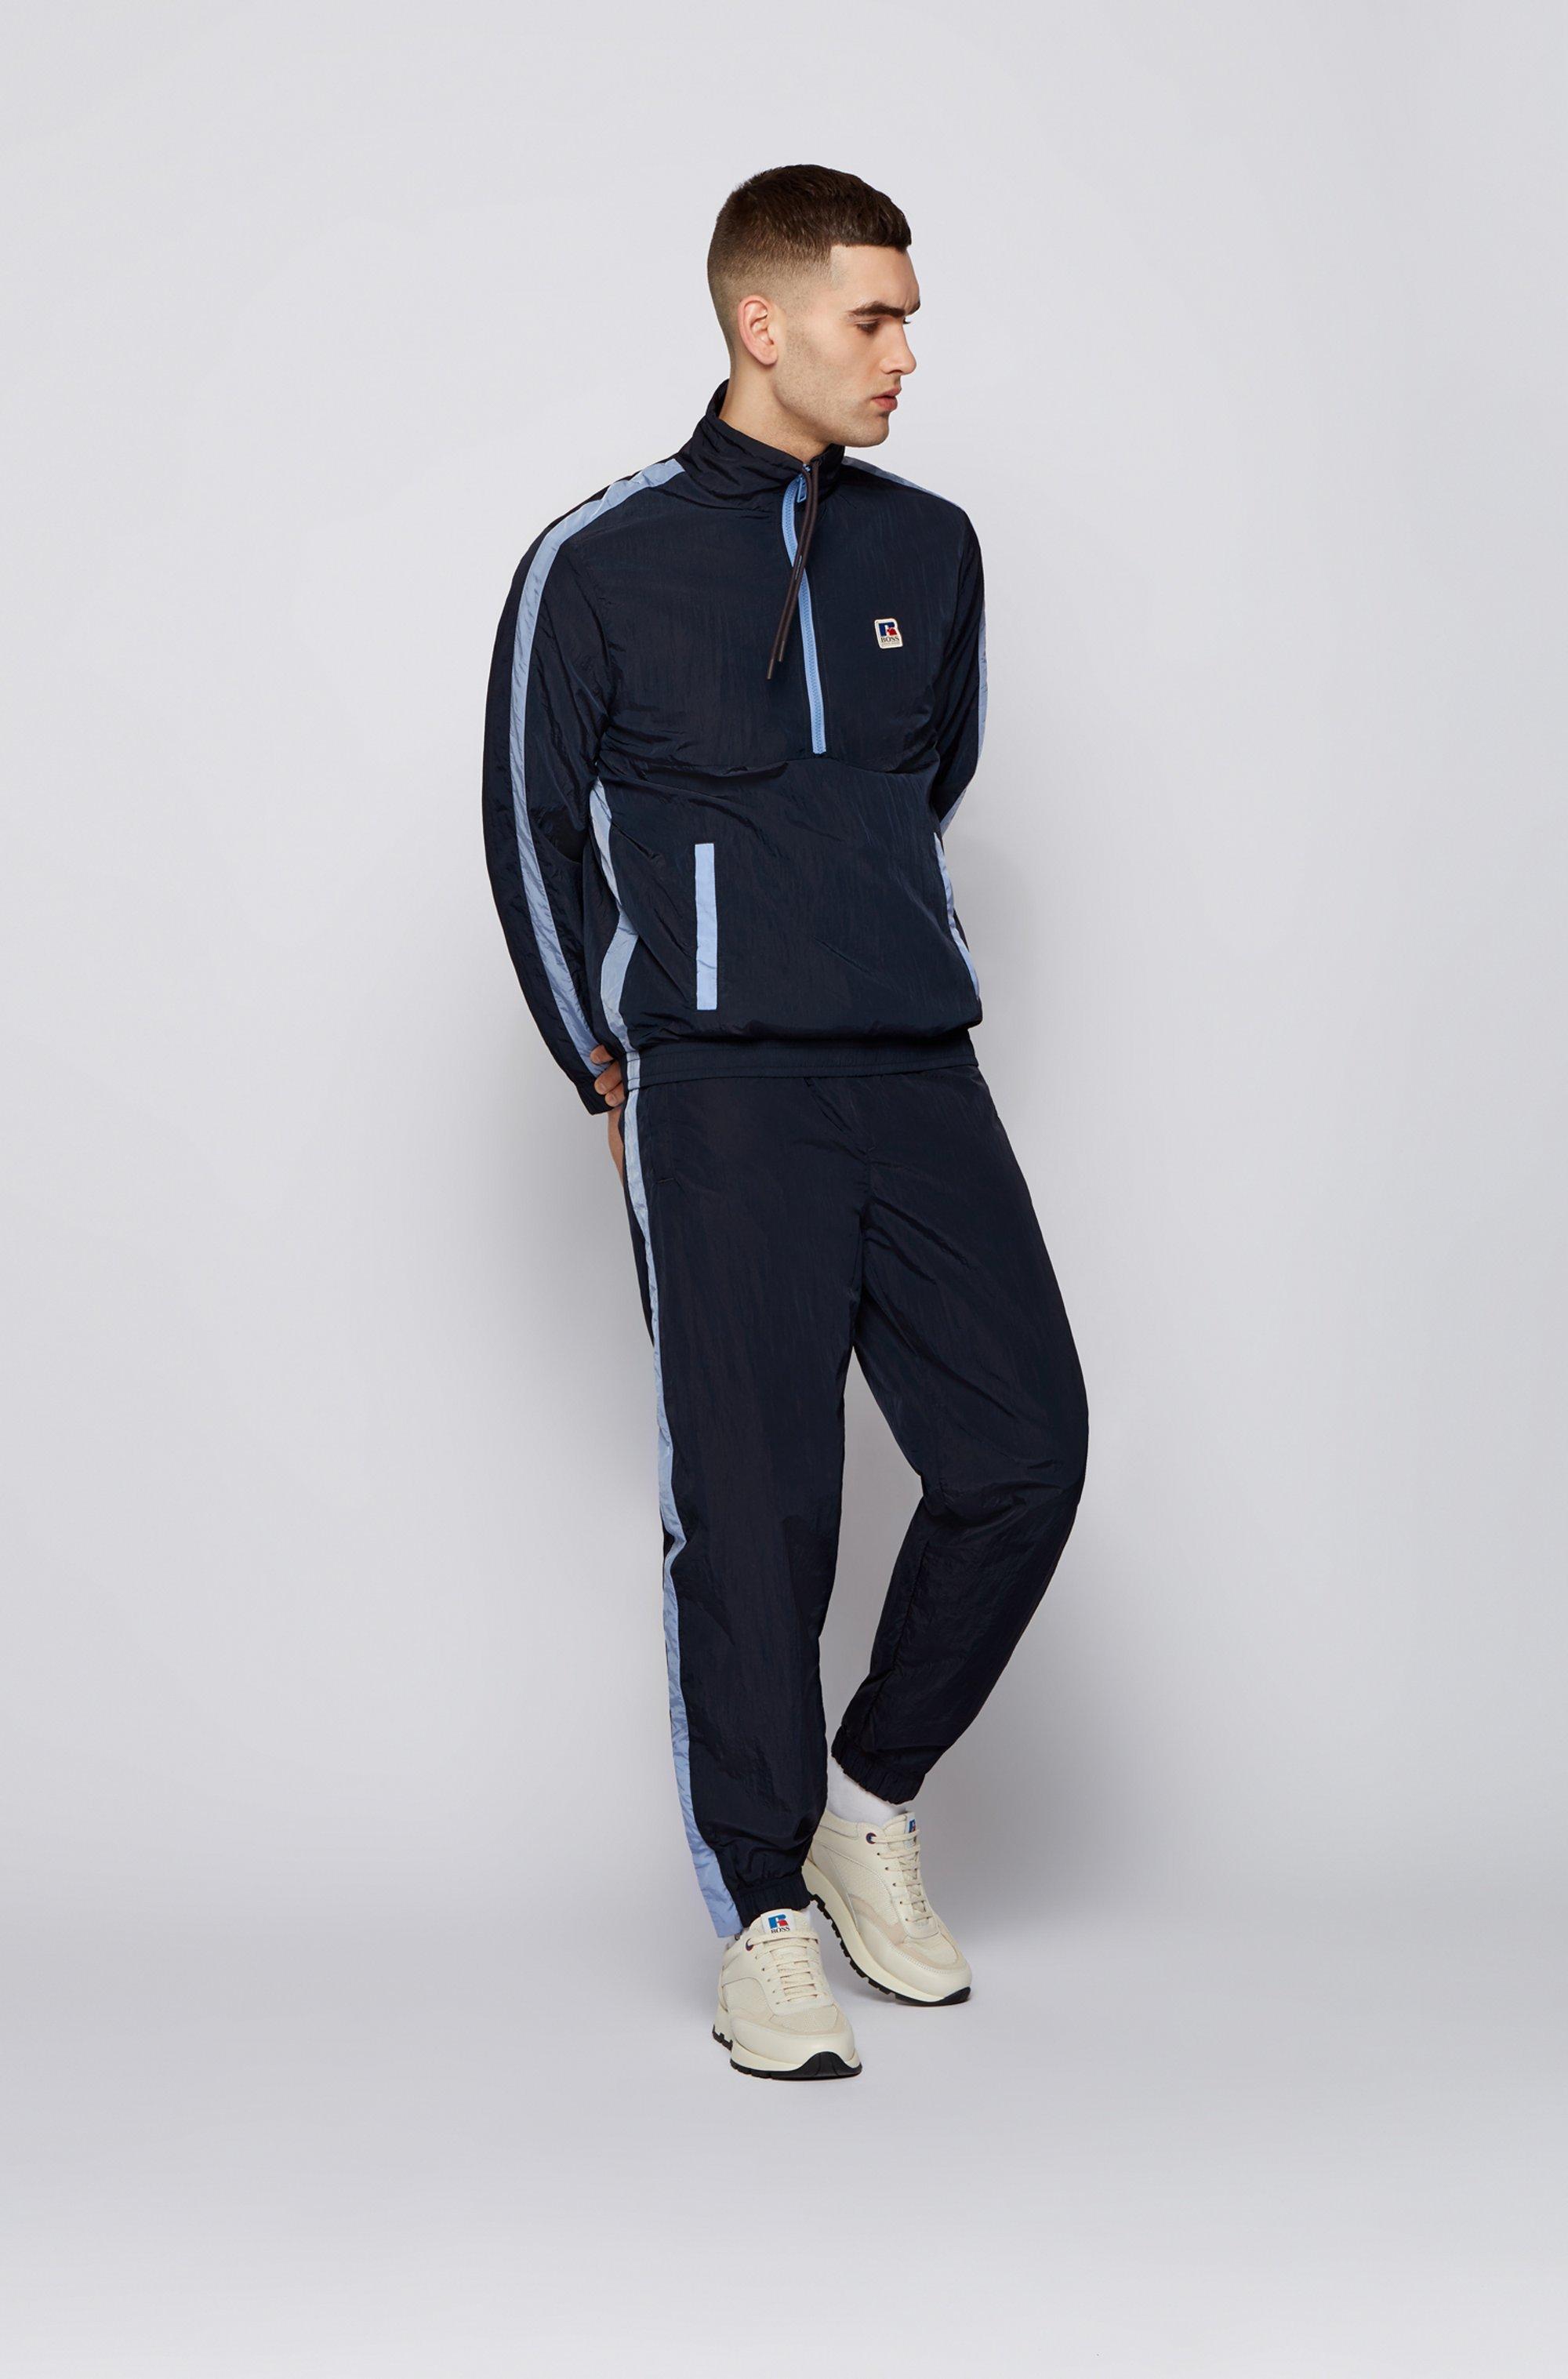 Zip-neck sweatshirt with contrast trims and exclusive logo